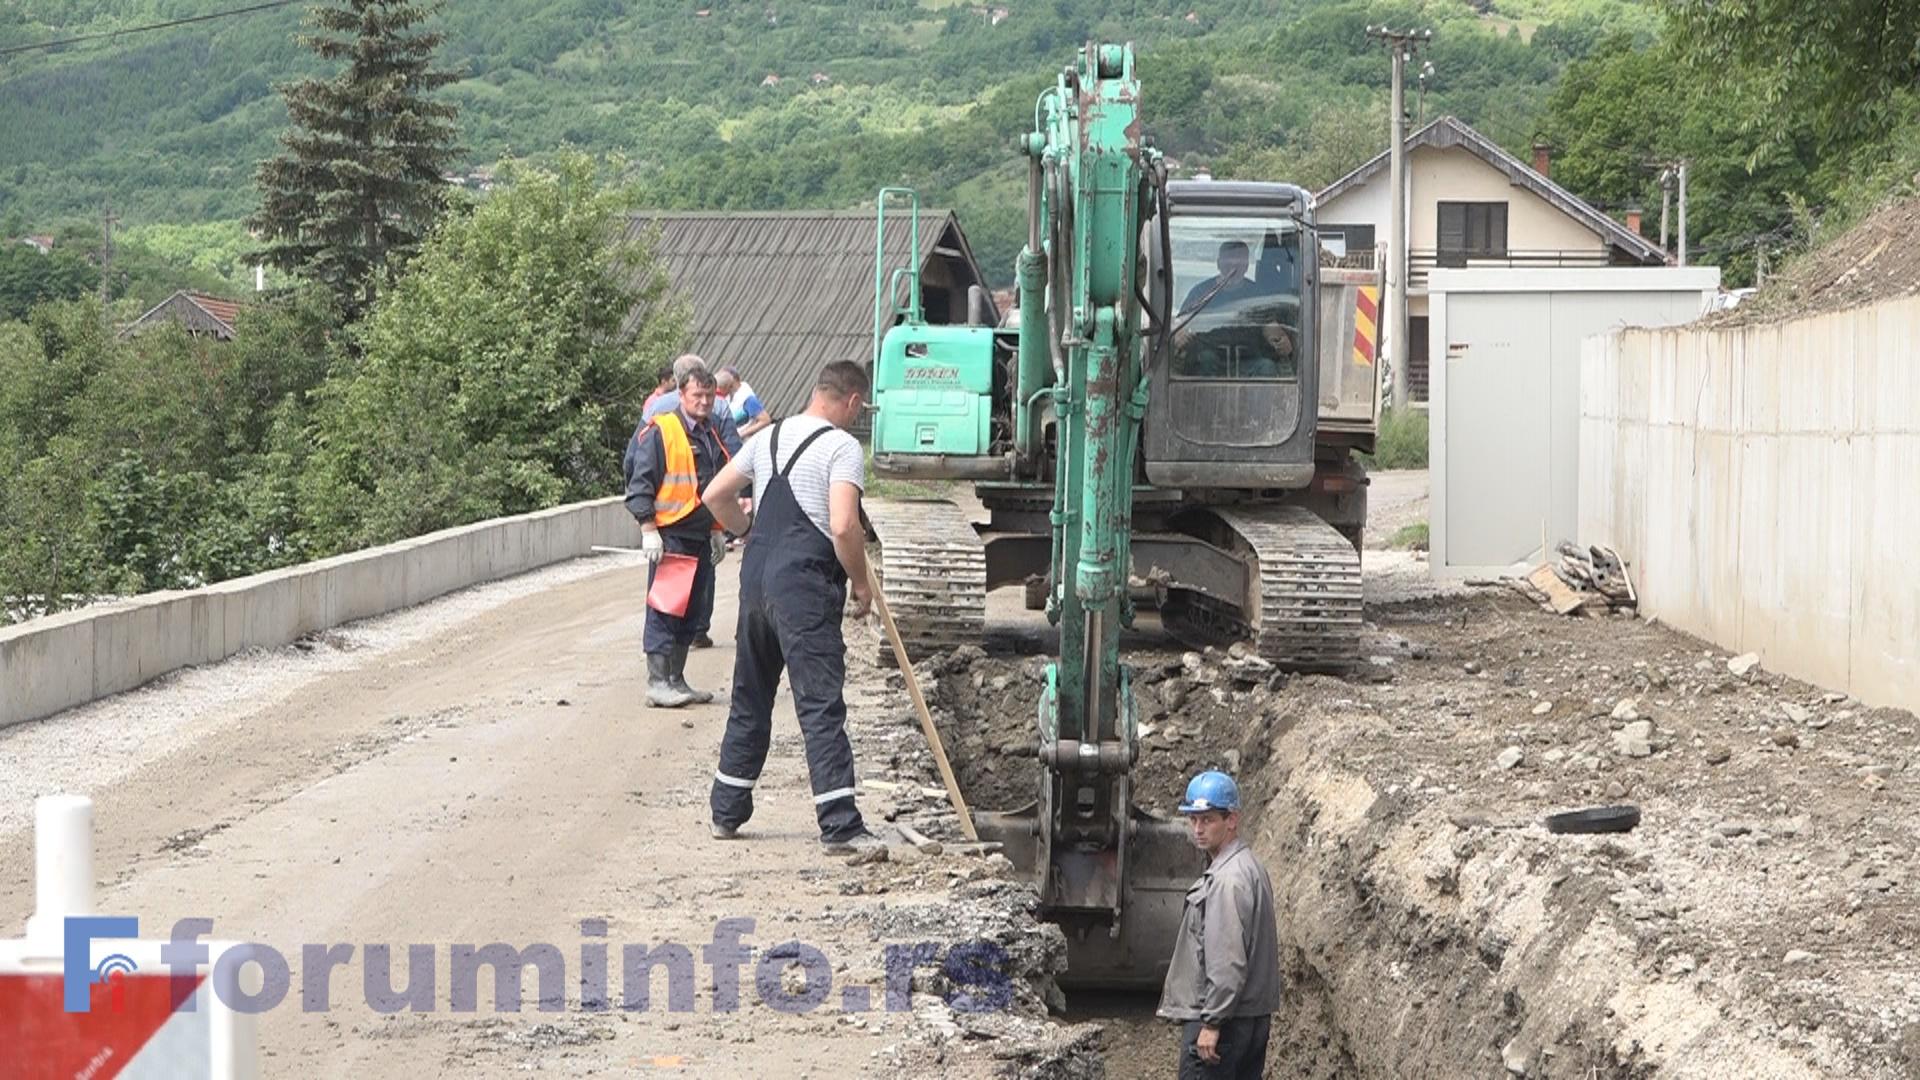 Због пута у Сељашници се ради 200 метара новог цевовода (ВИДЕО)